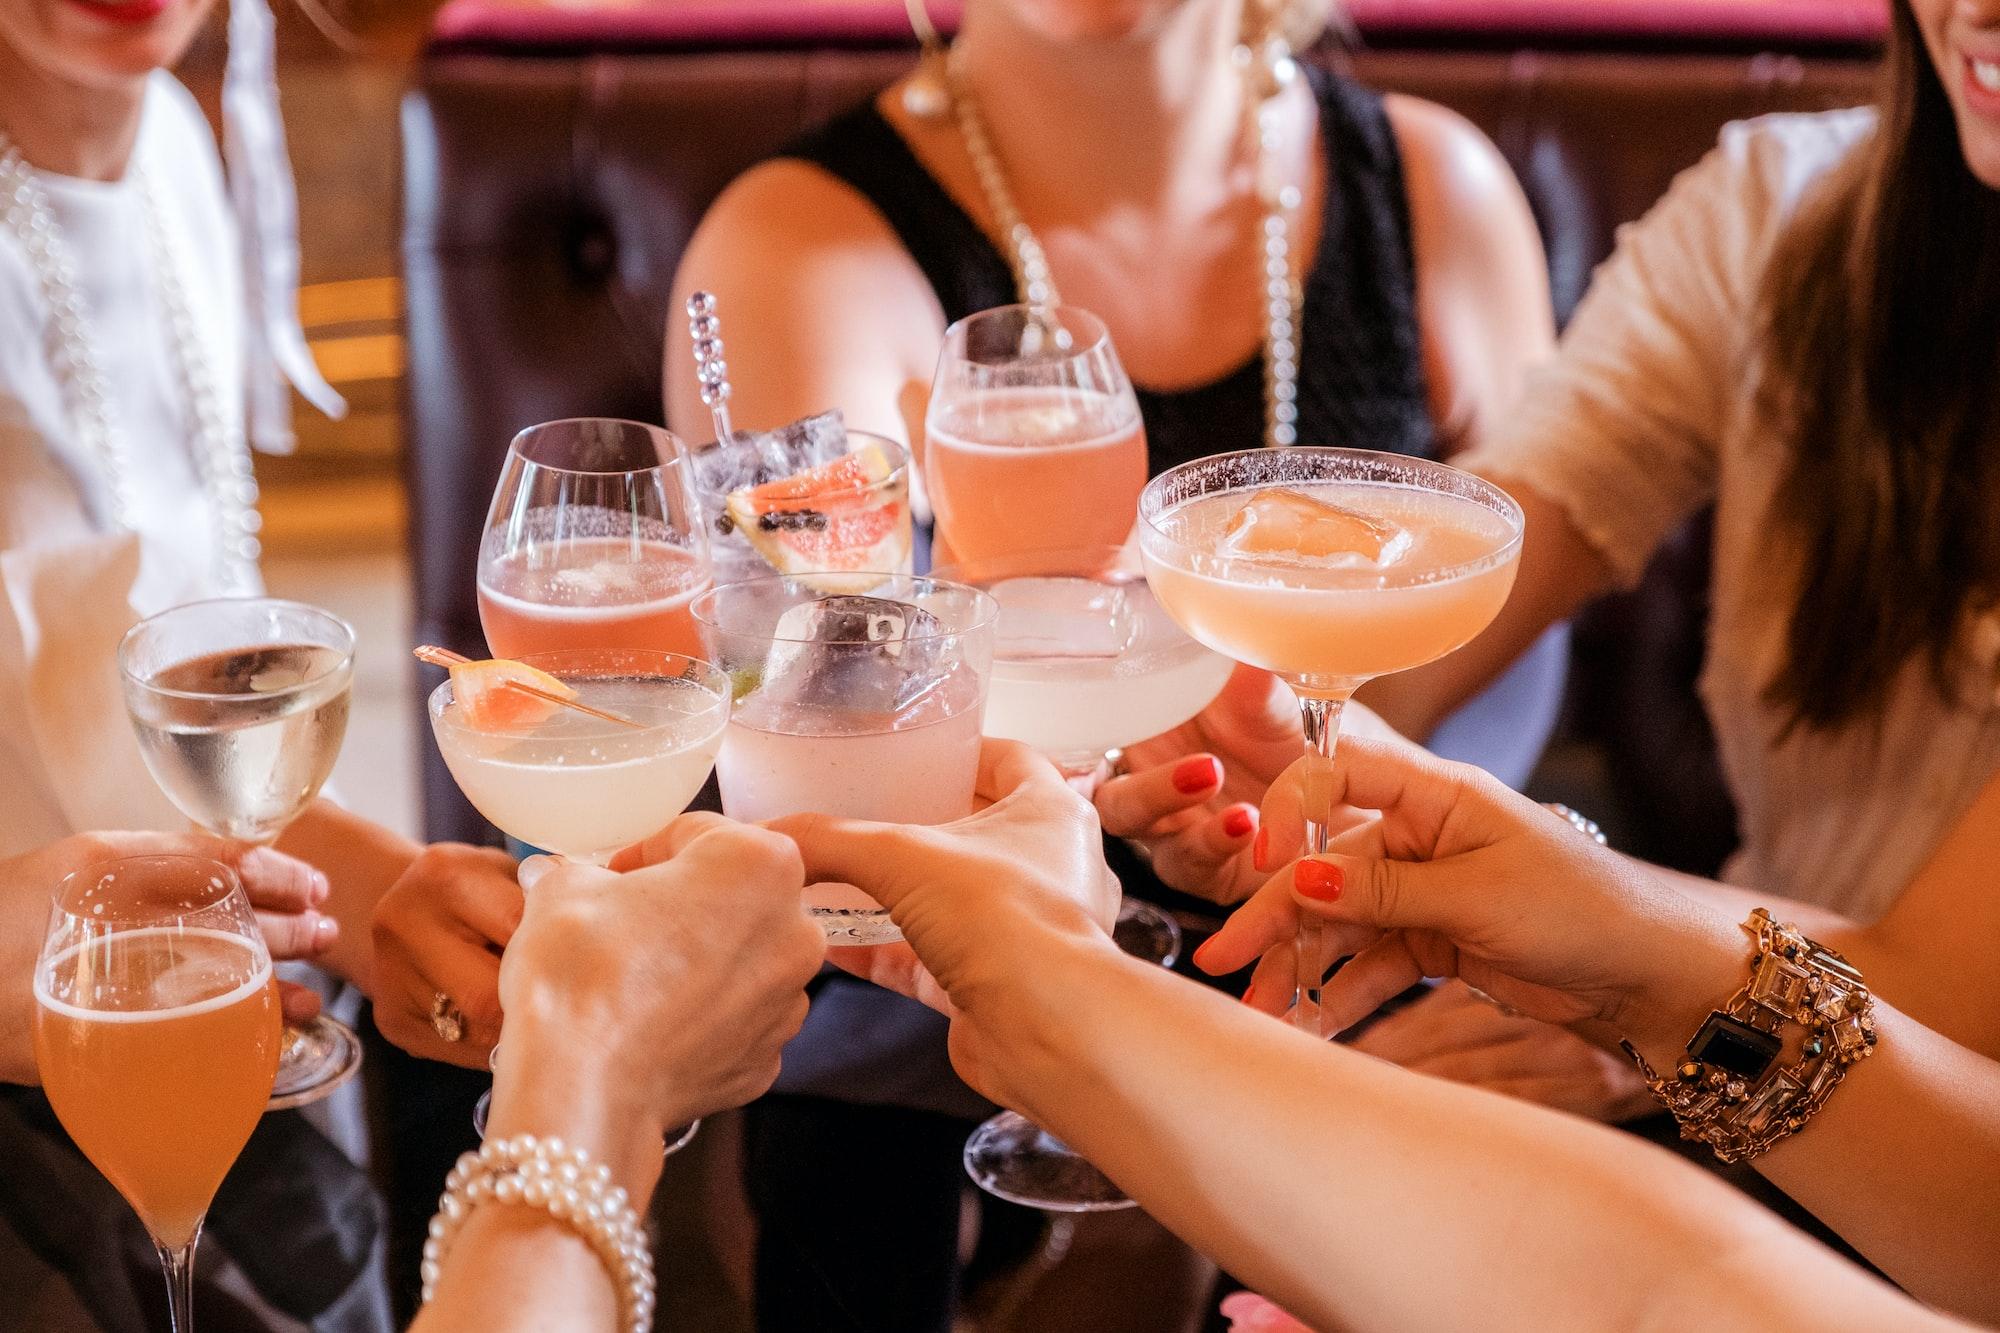 Alcolici e Dieta Chetogenica: Va Bene?